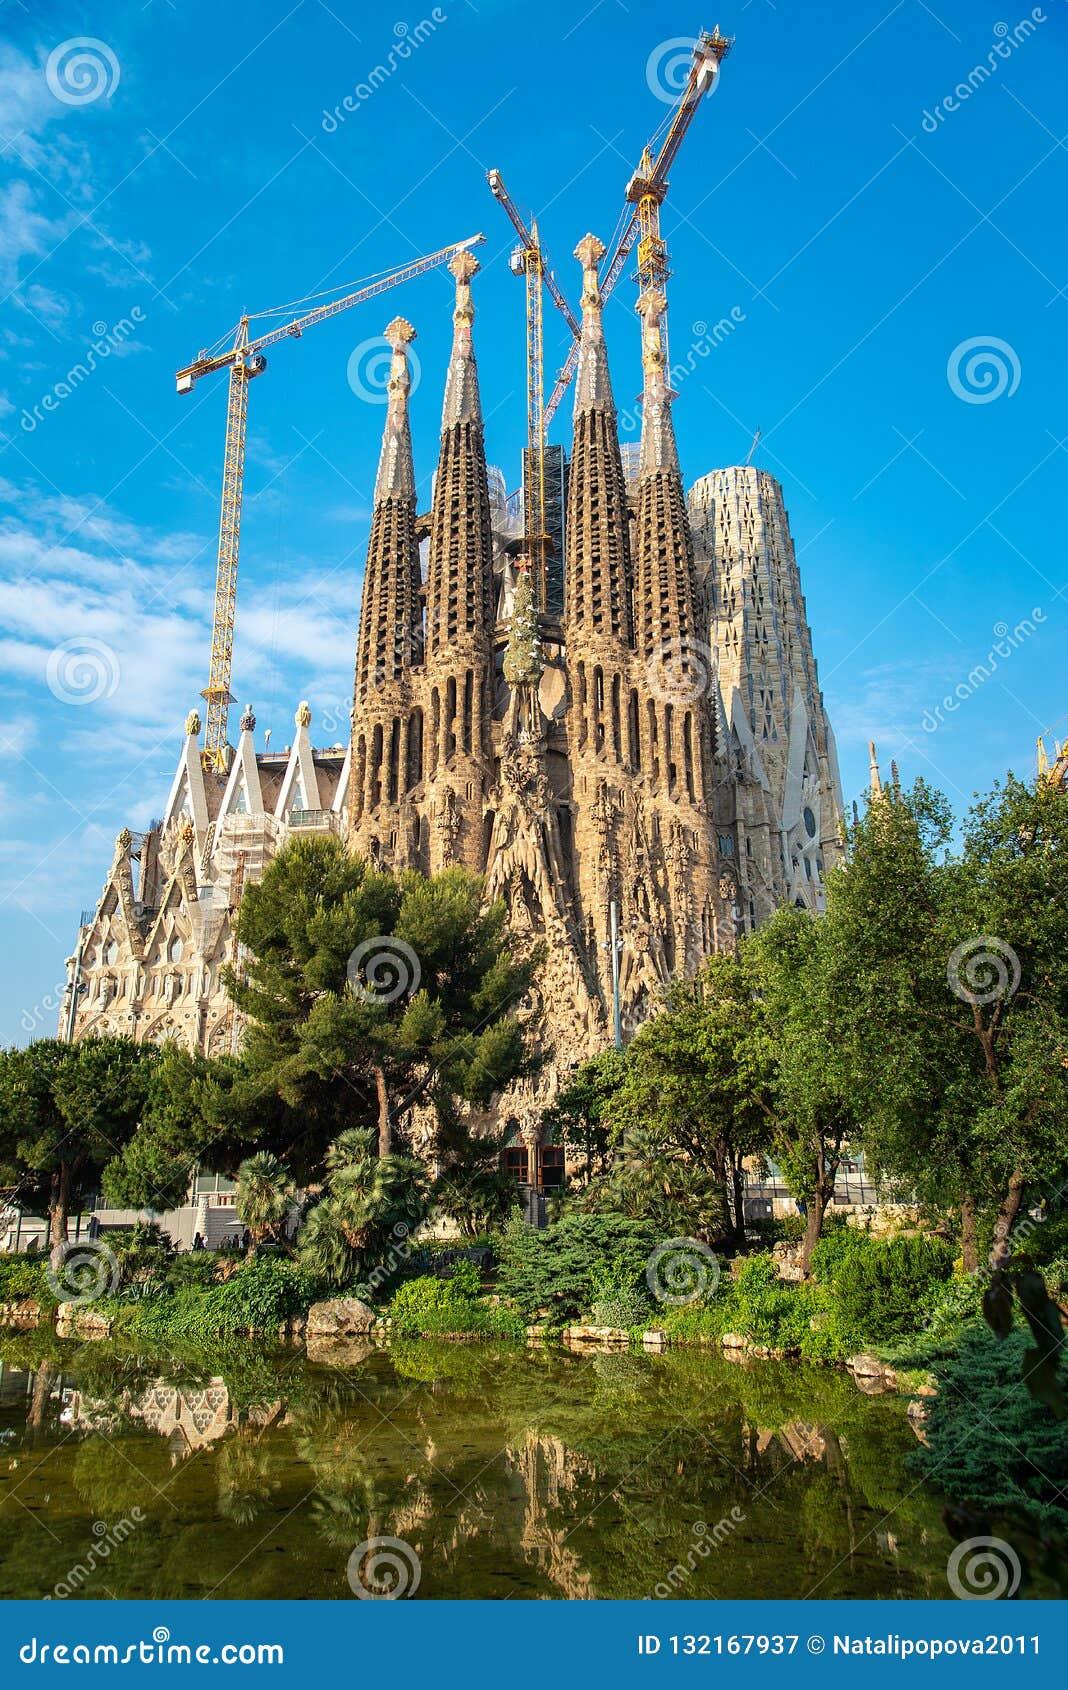 Die Kathedrale von La Sagrada Familia durch den Architekten Antonio Gau